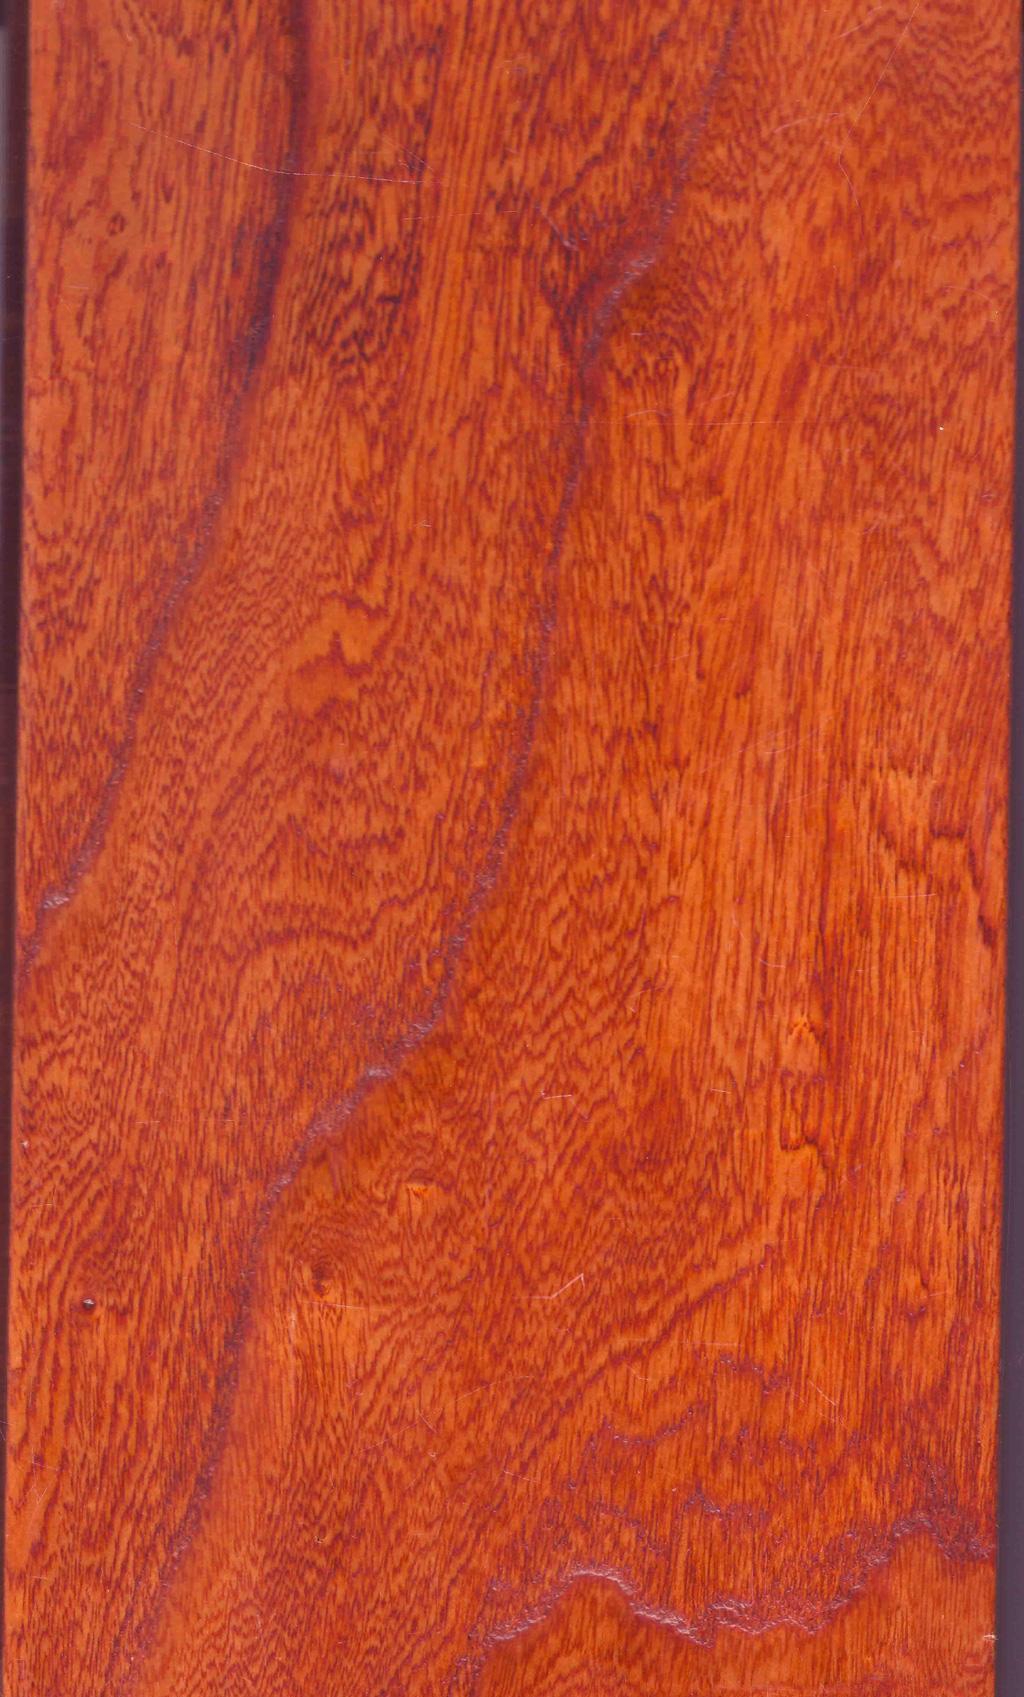 德尔SE-5多层实木复合仿古地板(伊丽莎白)SE-5